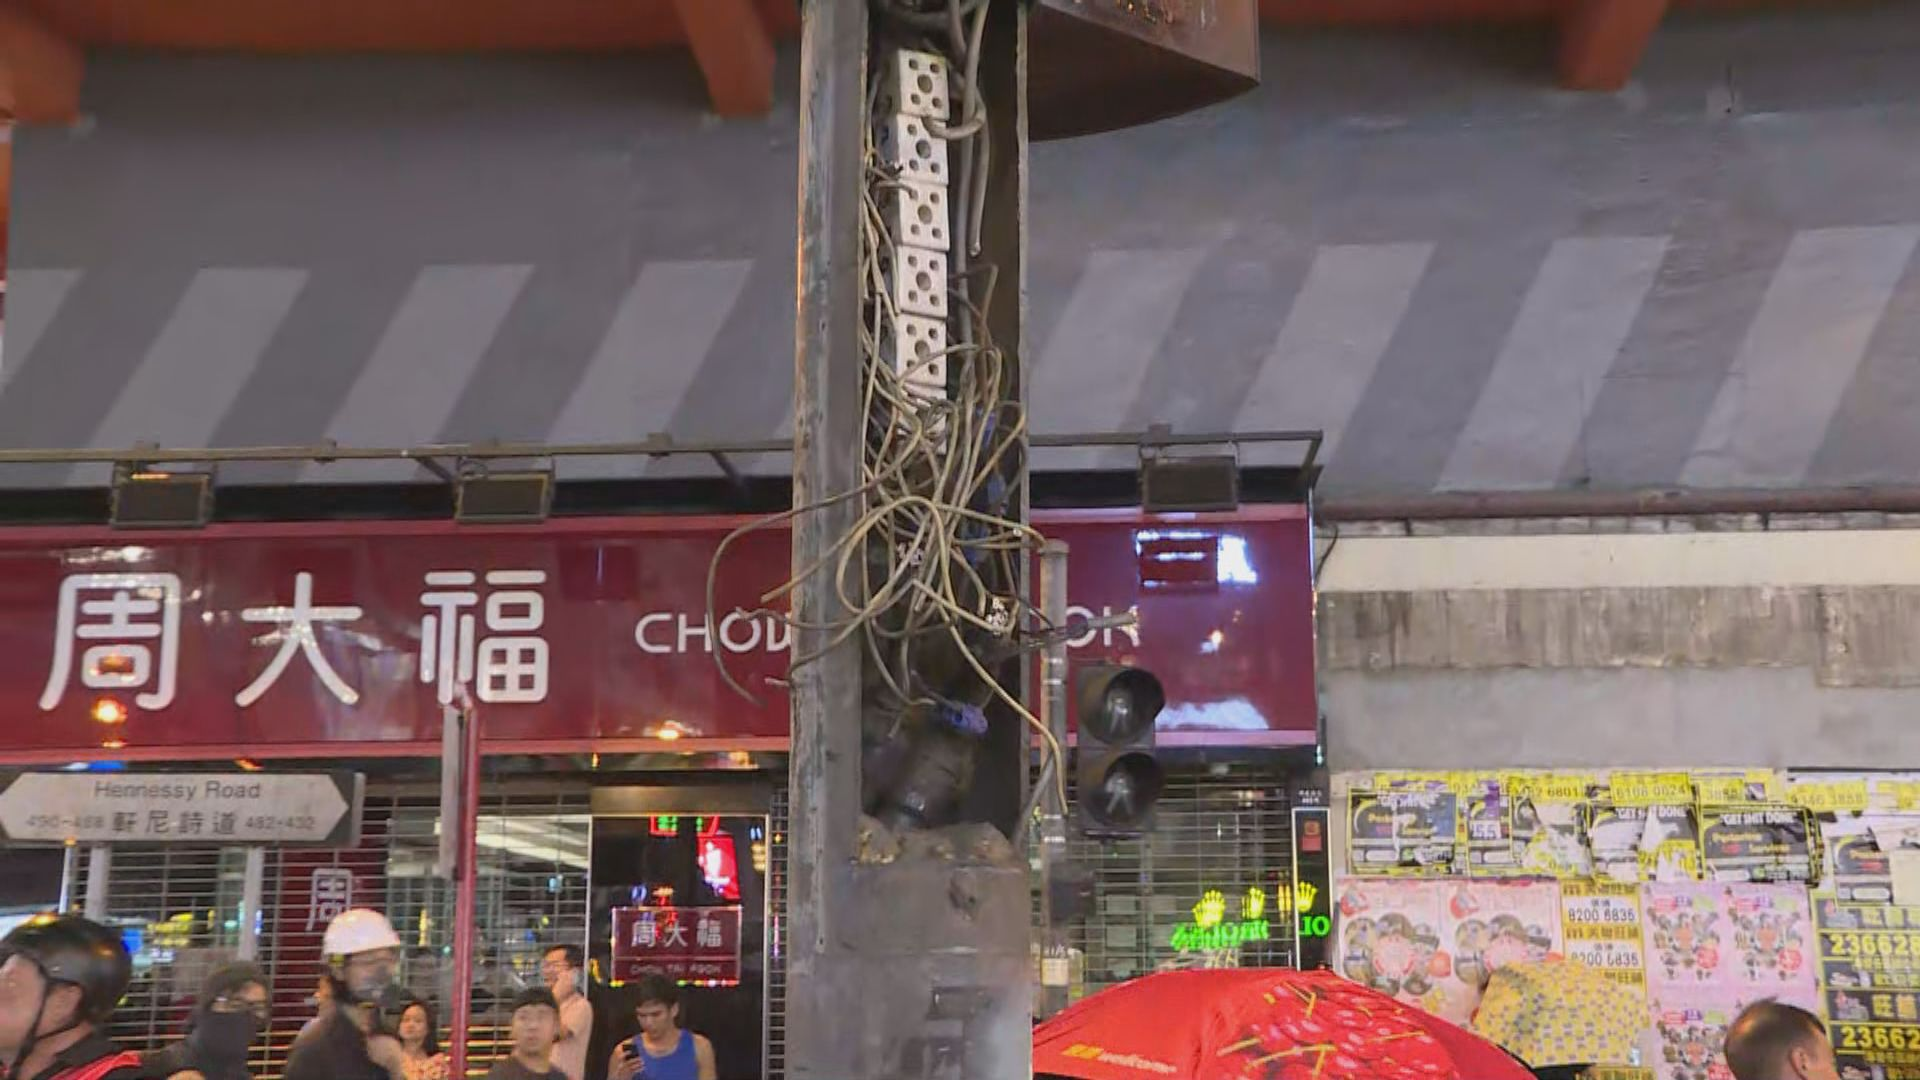 示威者銅鑼灣堵路 有交通燈被損壞